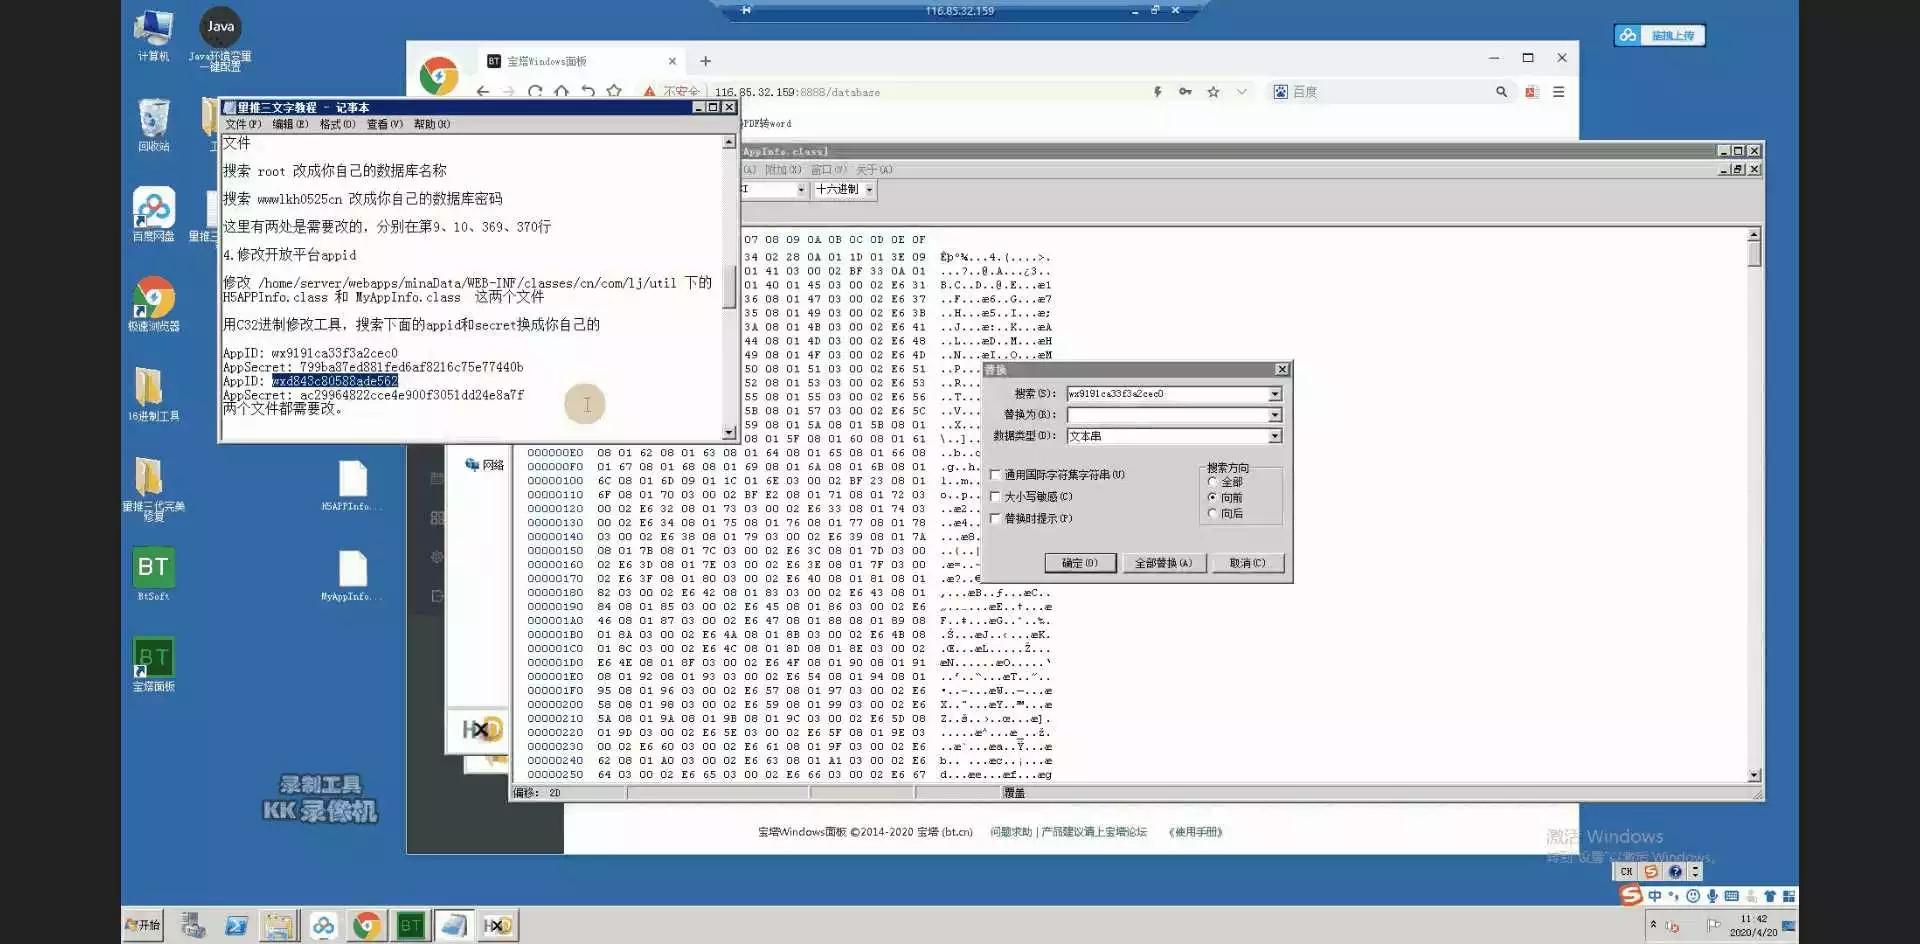 量推三代Windows版搭建教程全程语音讲解+工具插图